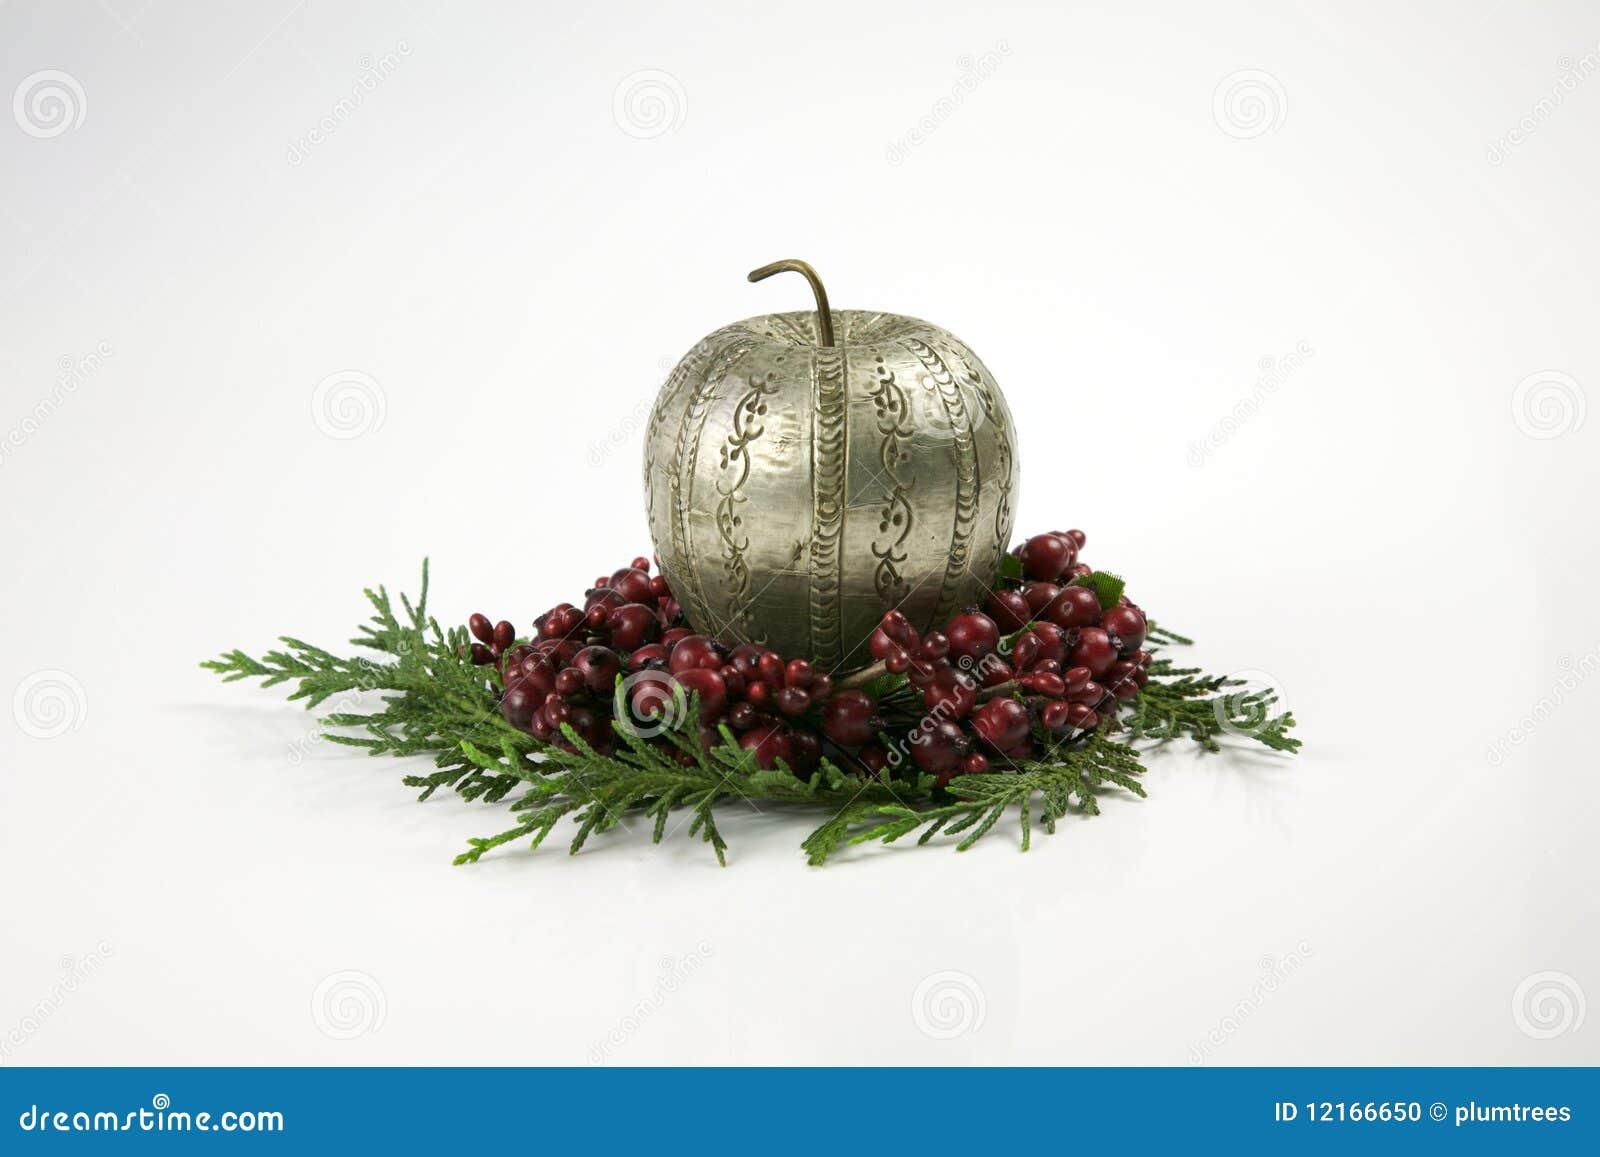 Voorwerpen van het seizoen van de decoratie van kerstmis de feestelijke stock foto afbeelding - Decoratie van de villas ...